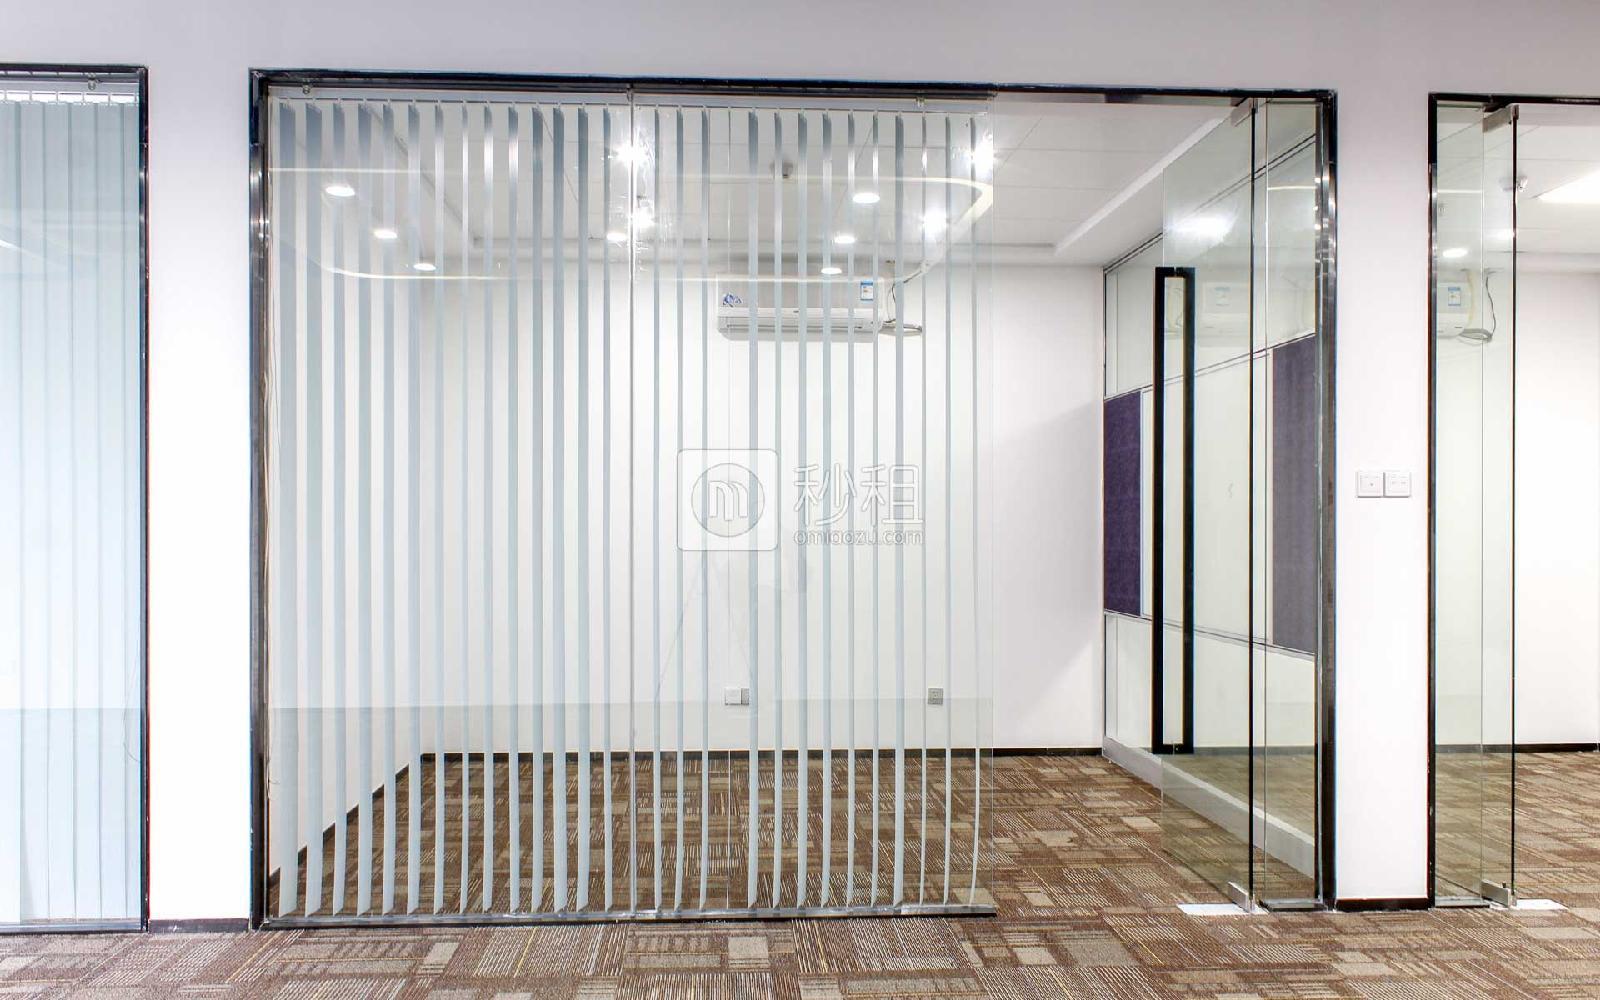 蚂蚁邦创业加速中心写字楼出租296平米精装办公室110元/m².月